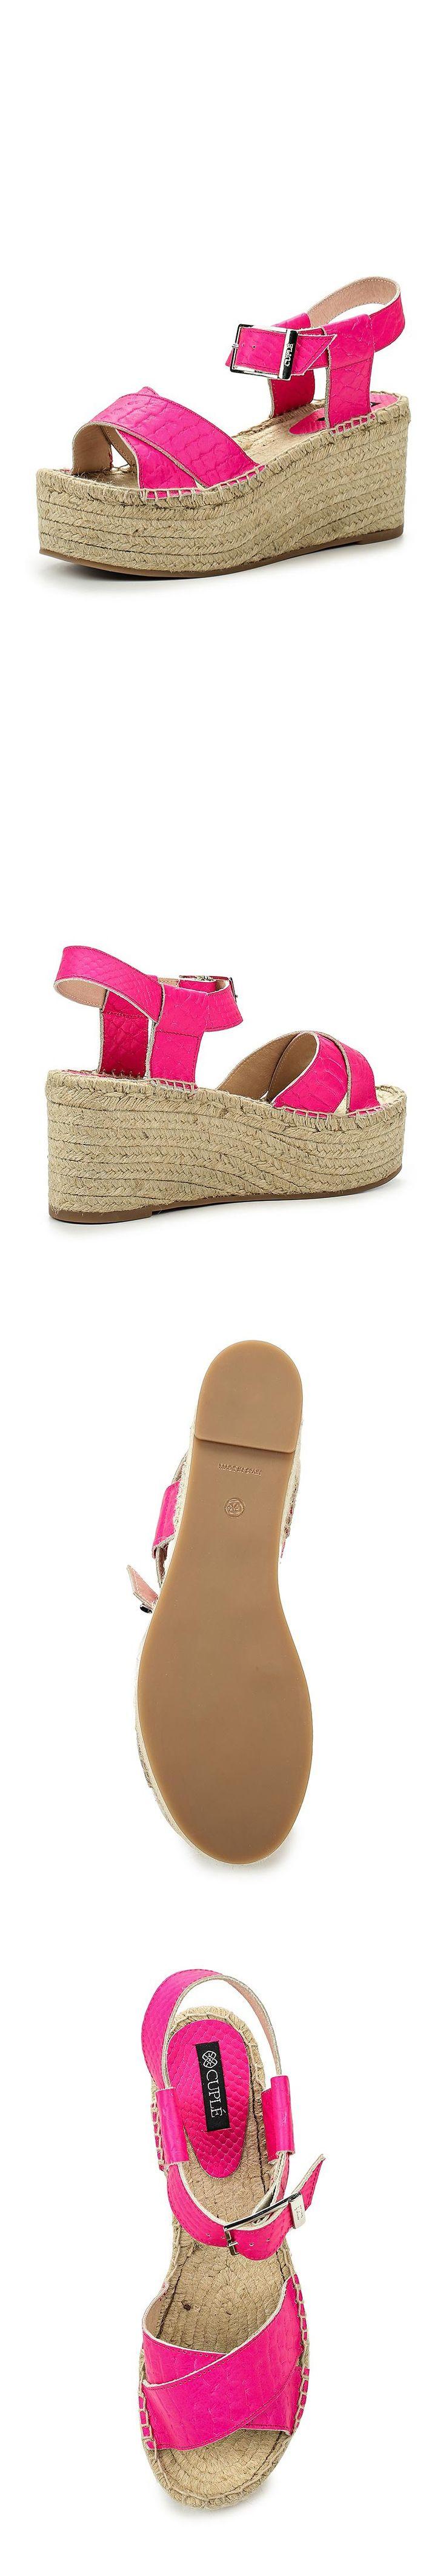 Женская обувь босоножки Cuple за 7790.00 руб.